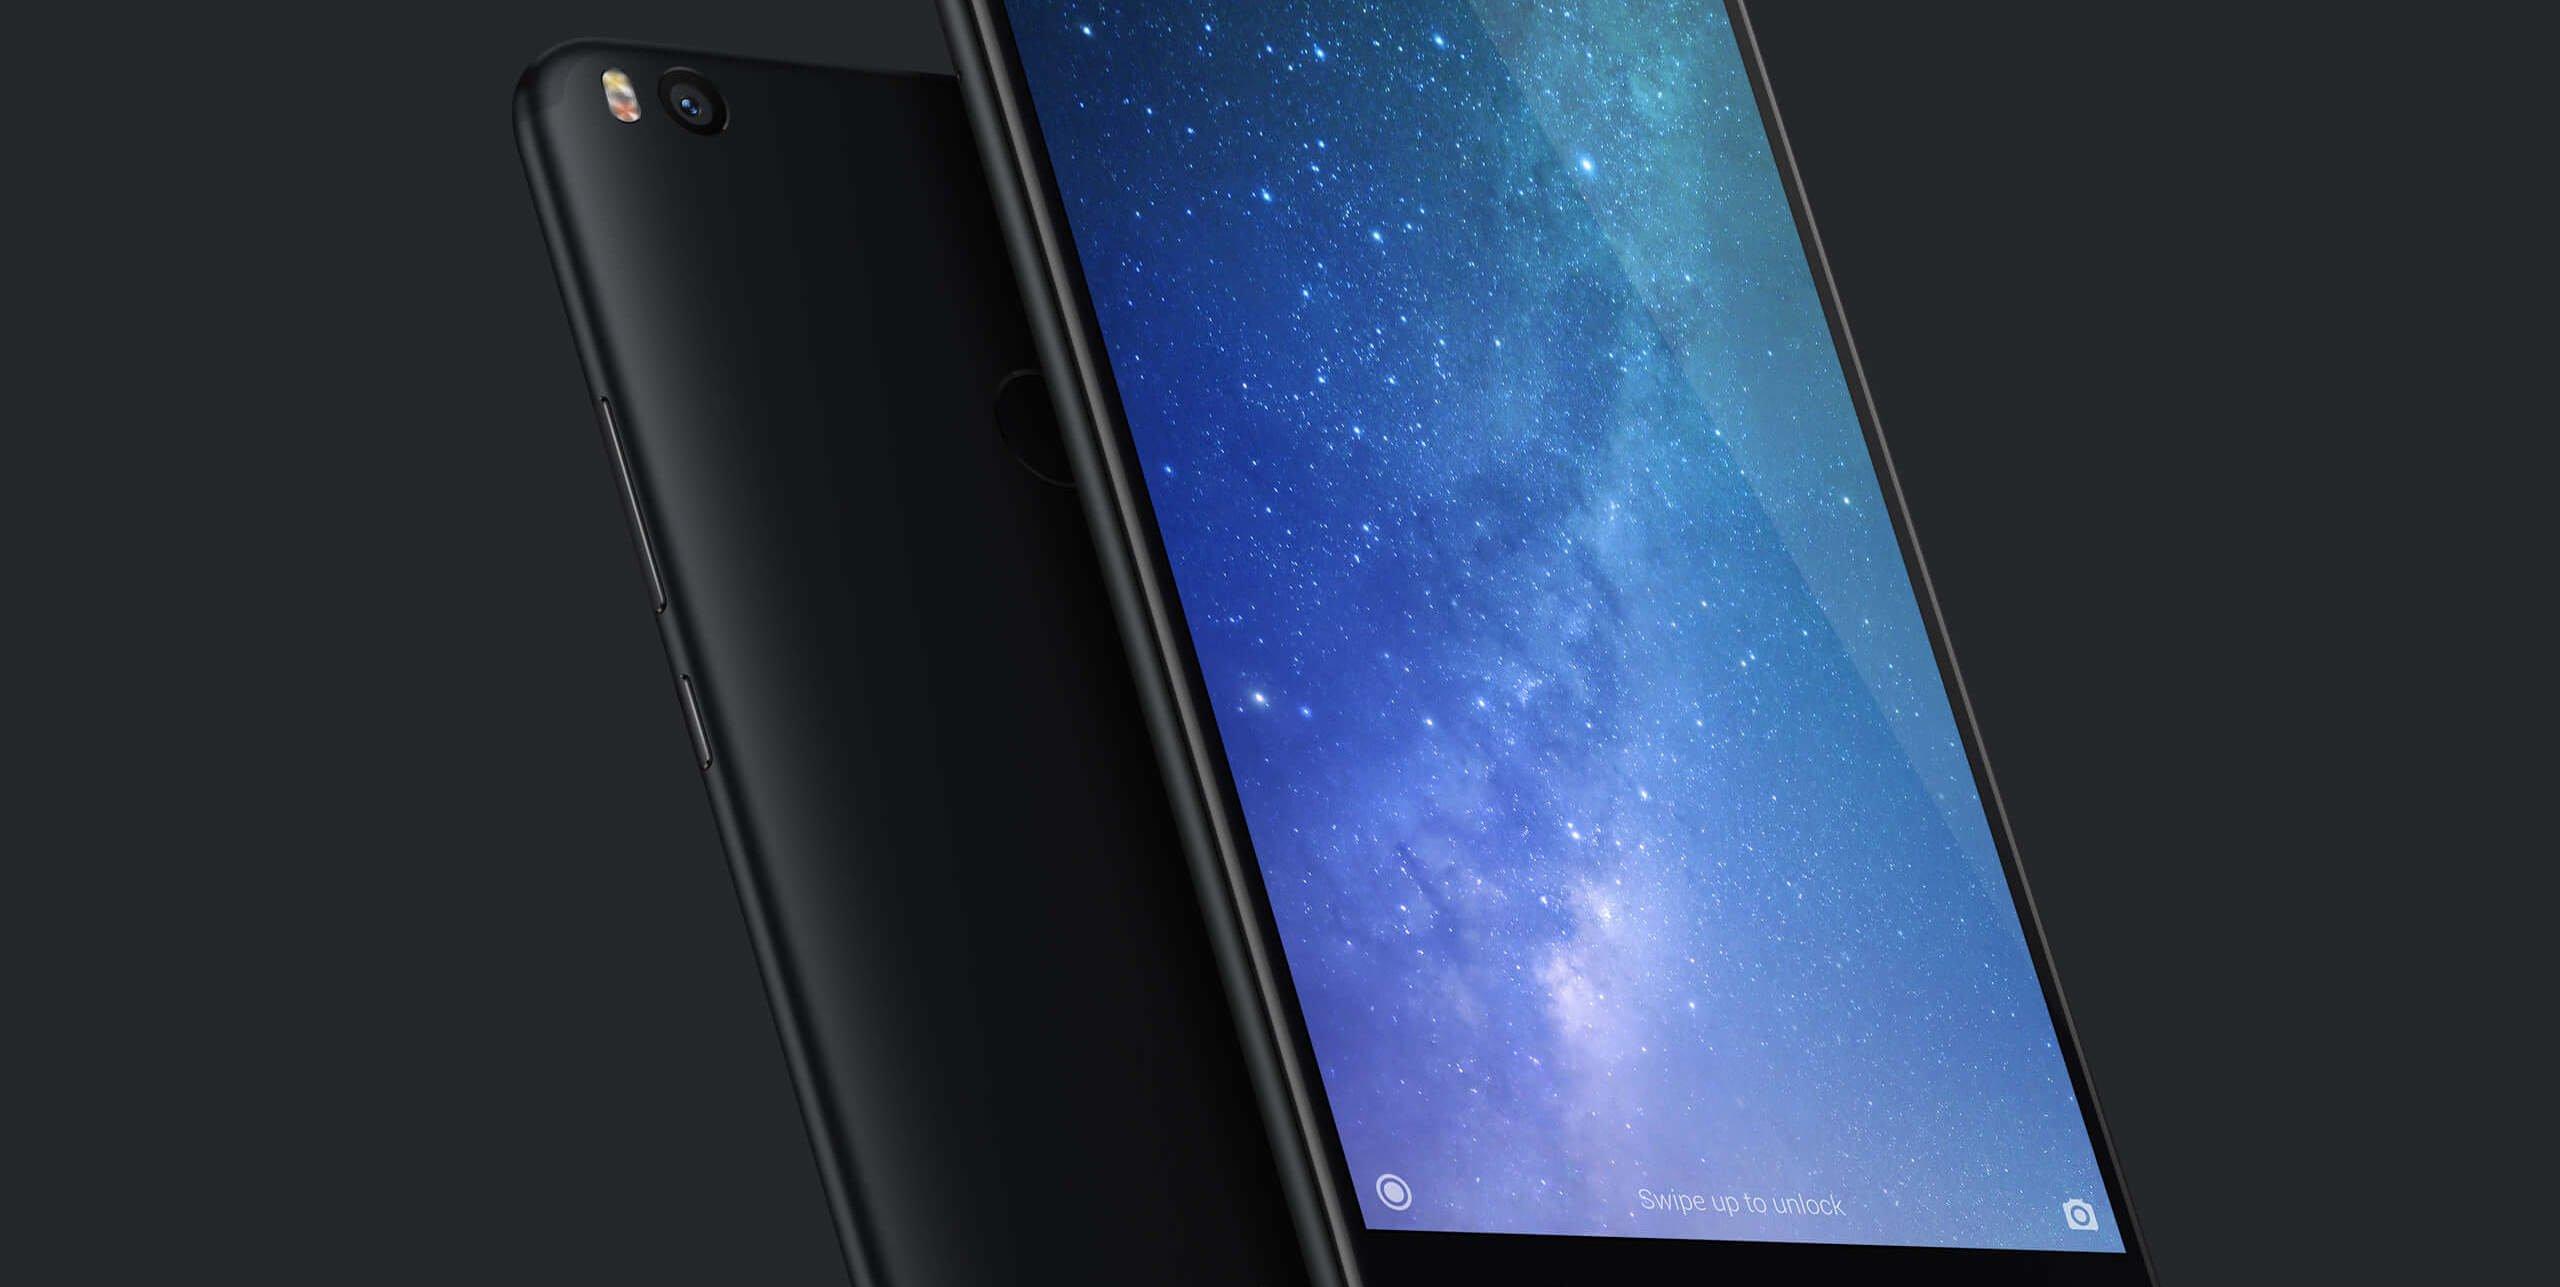 گوشی Mi Max 3 شیائومی دارای نمایشگر 7 اینچی و باتری 5،500 میلی آمپر ساعتی است